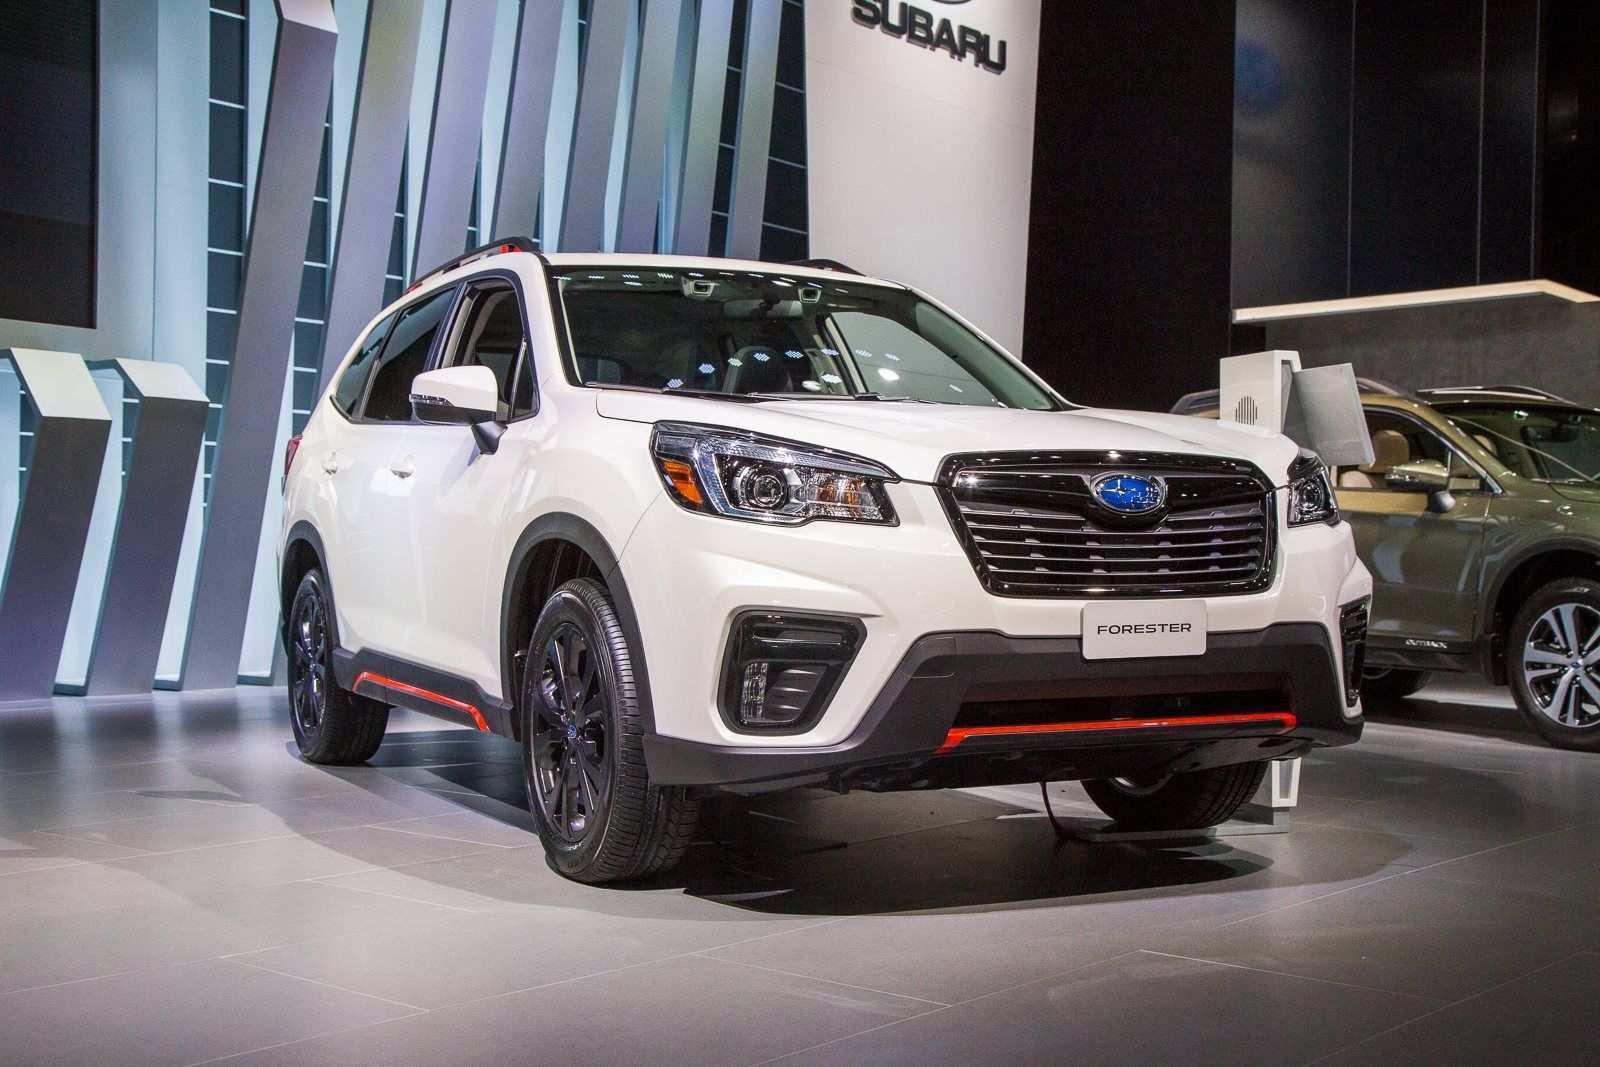 97 New 2020 Subaru Horizon Blue Pearl Reviews by 2020 Subaru Horizon Blue Pearl